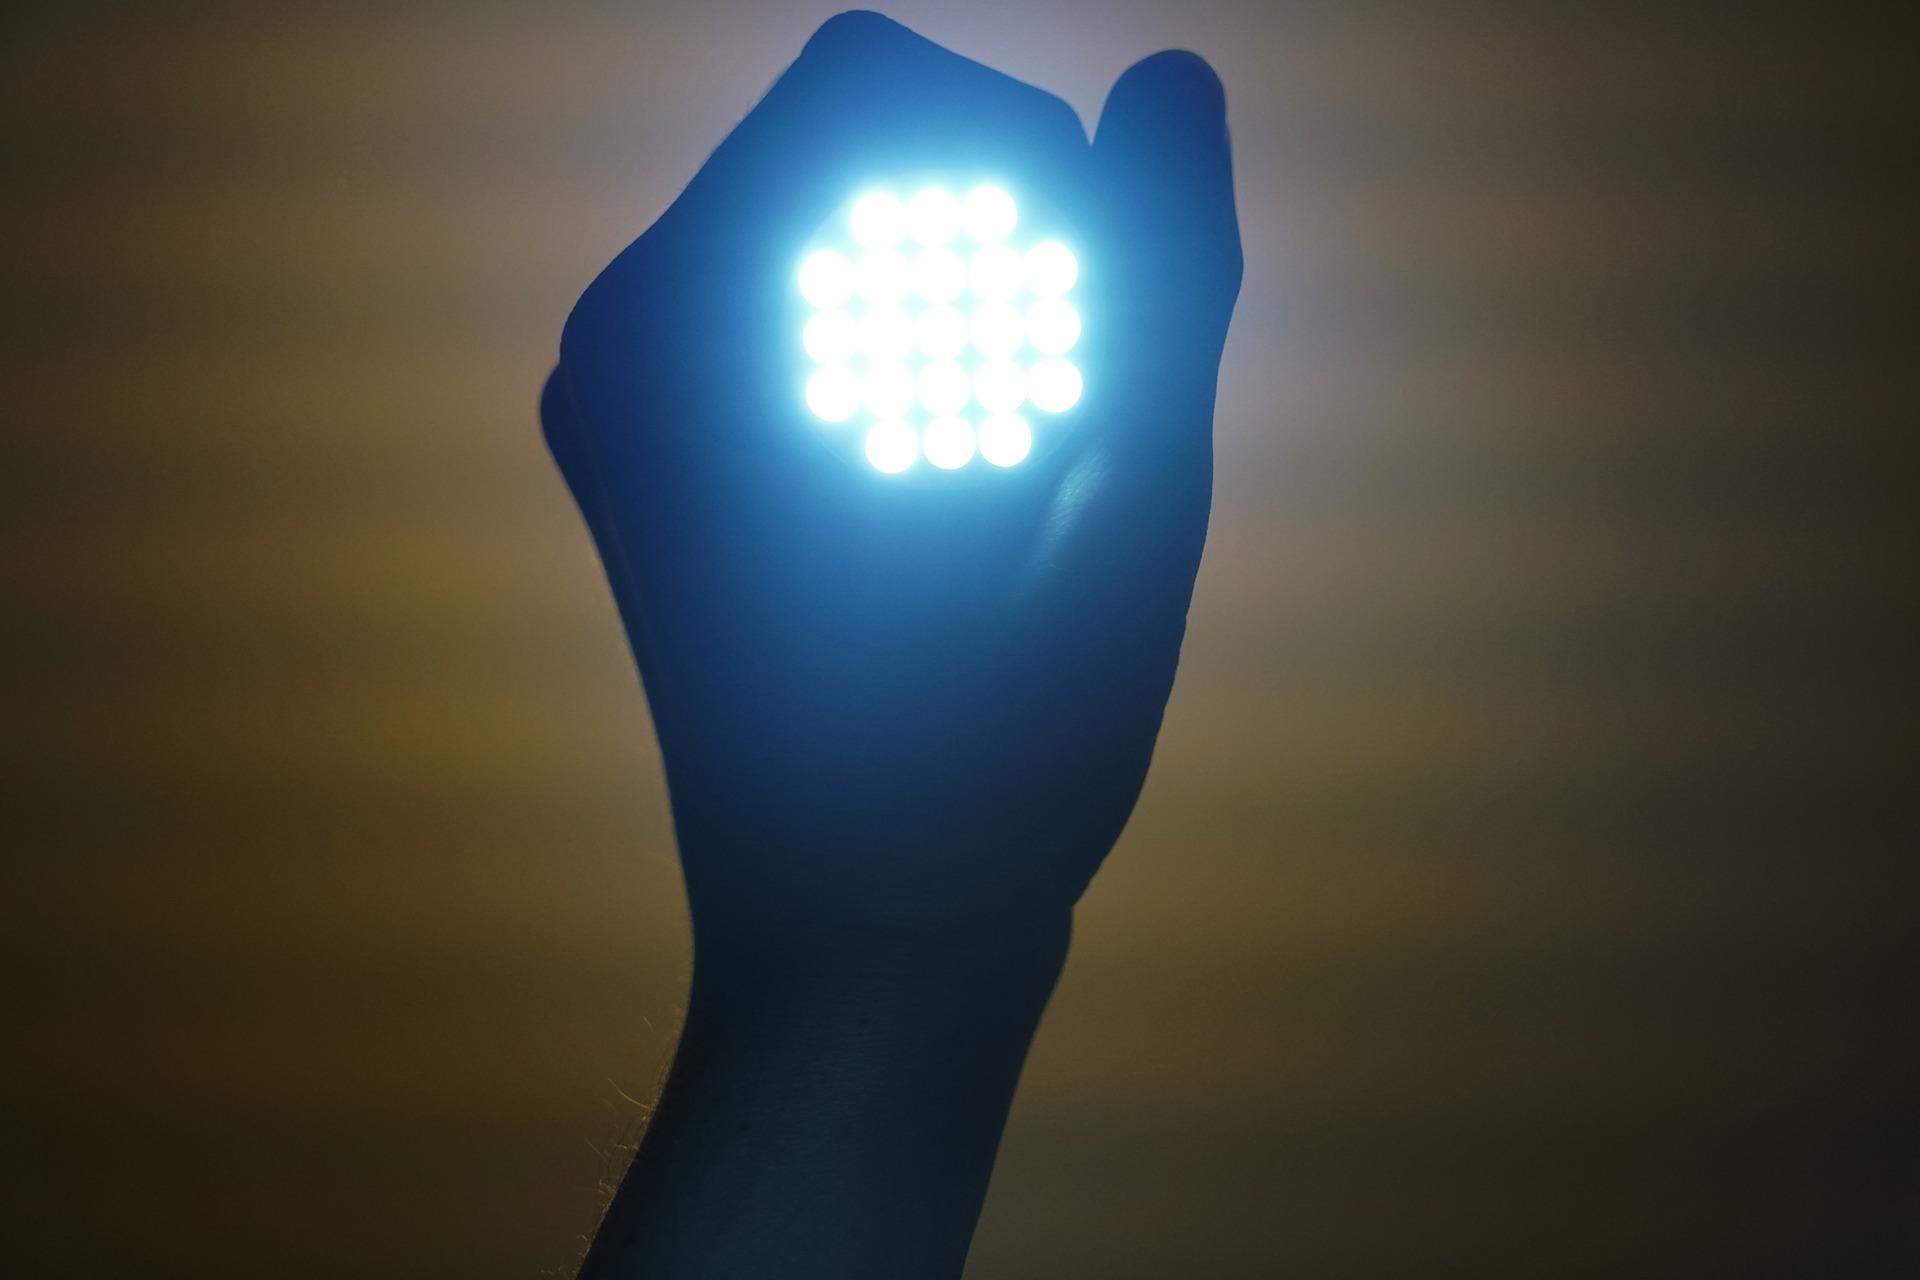 Kamperen: benodigde verlichting